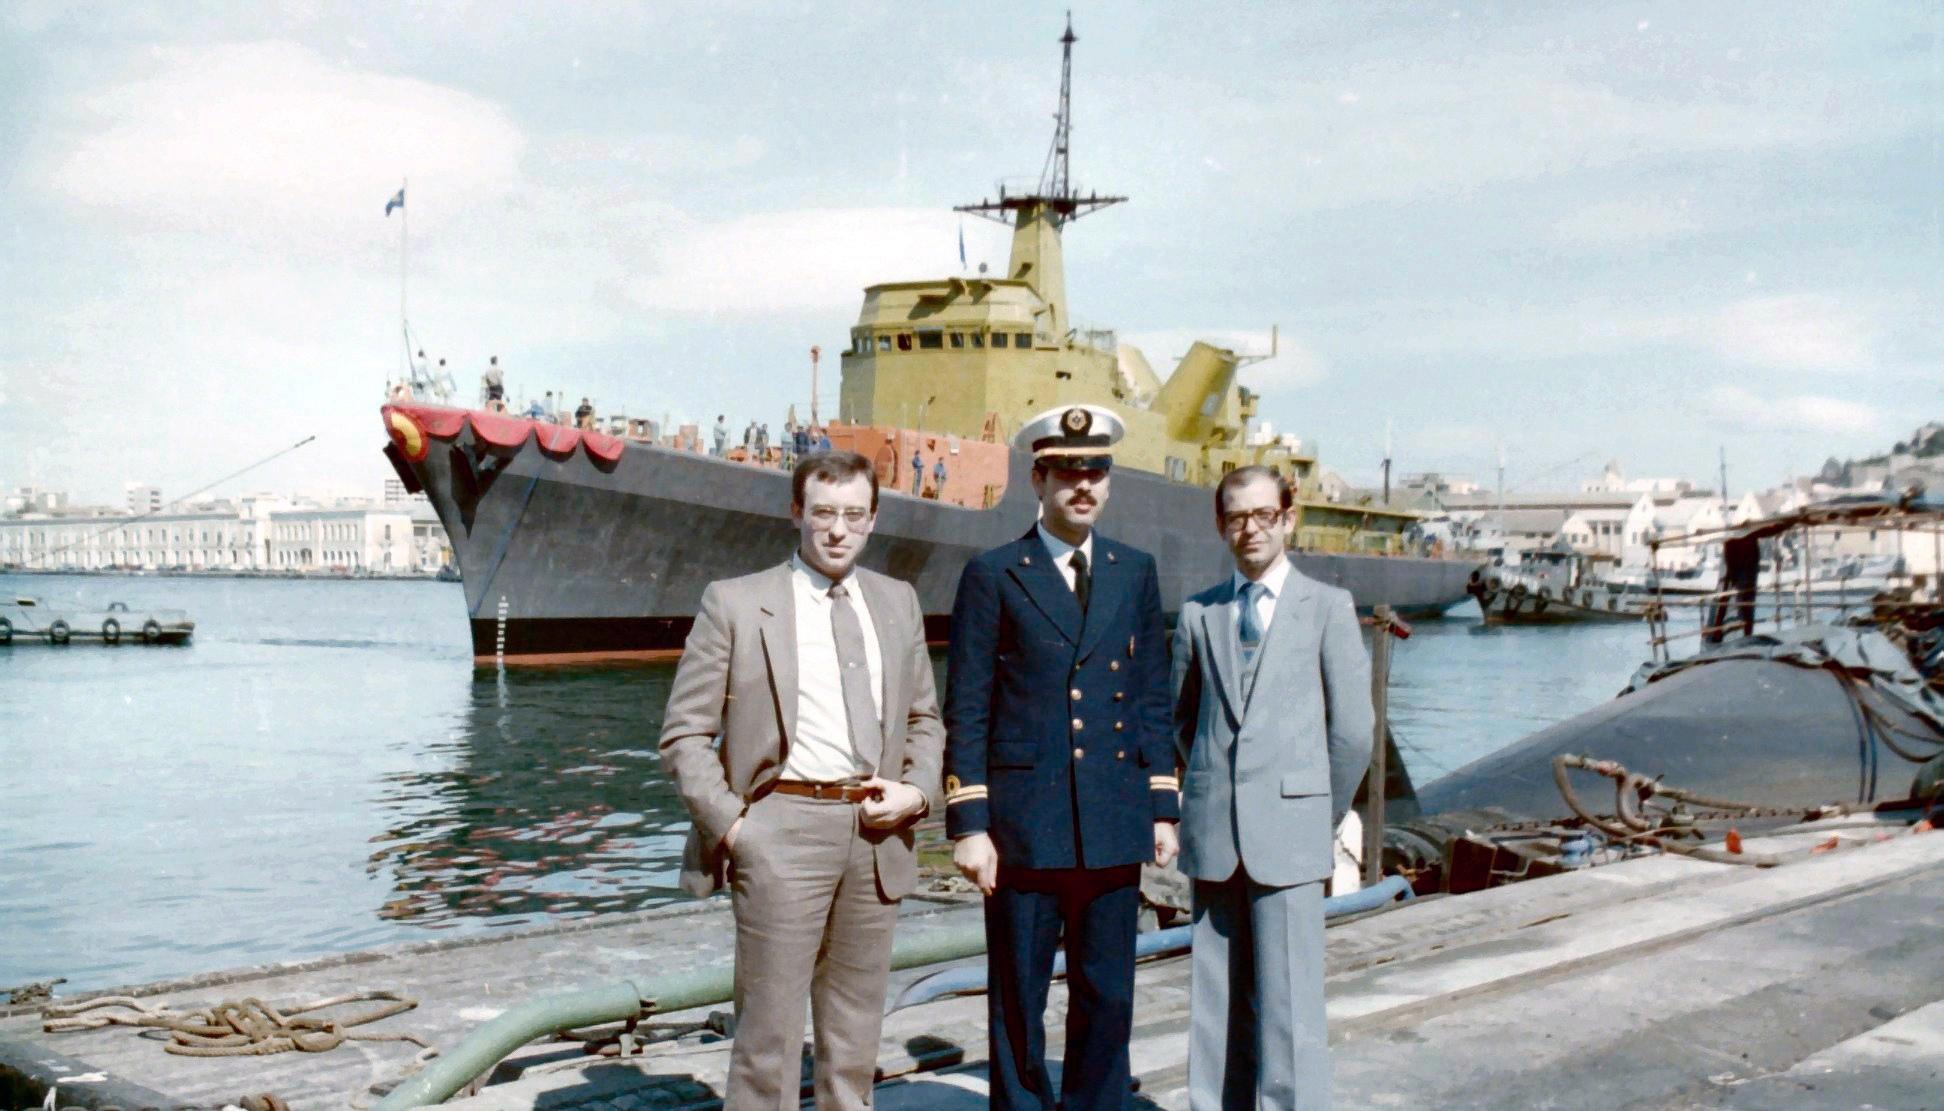 Royal Moroccan Navy Descubierta Frigate / Corvette Lt Cl Errahmani - Bâtiment École - Page 4 Clipb486